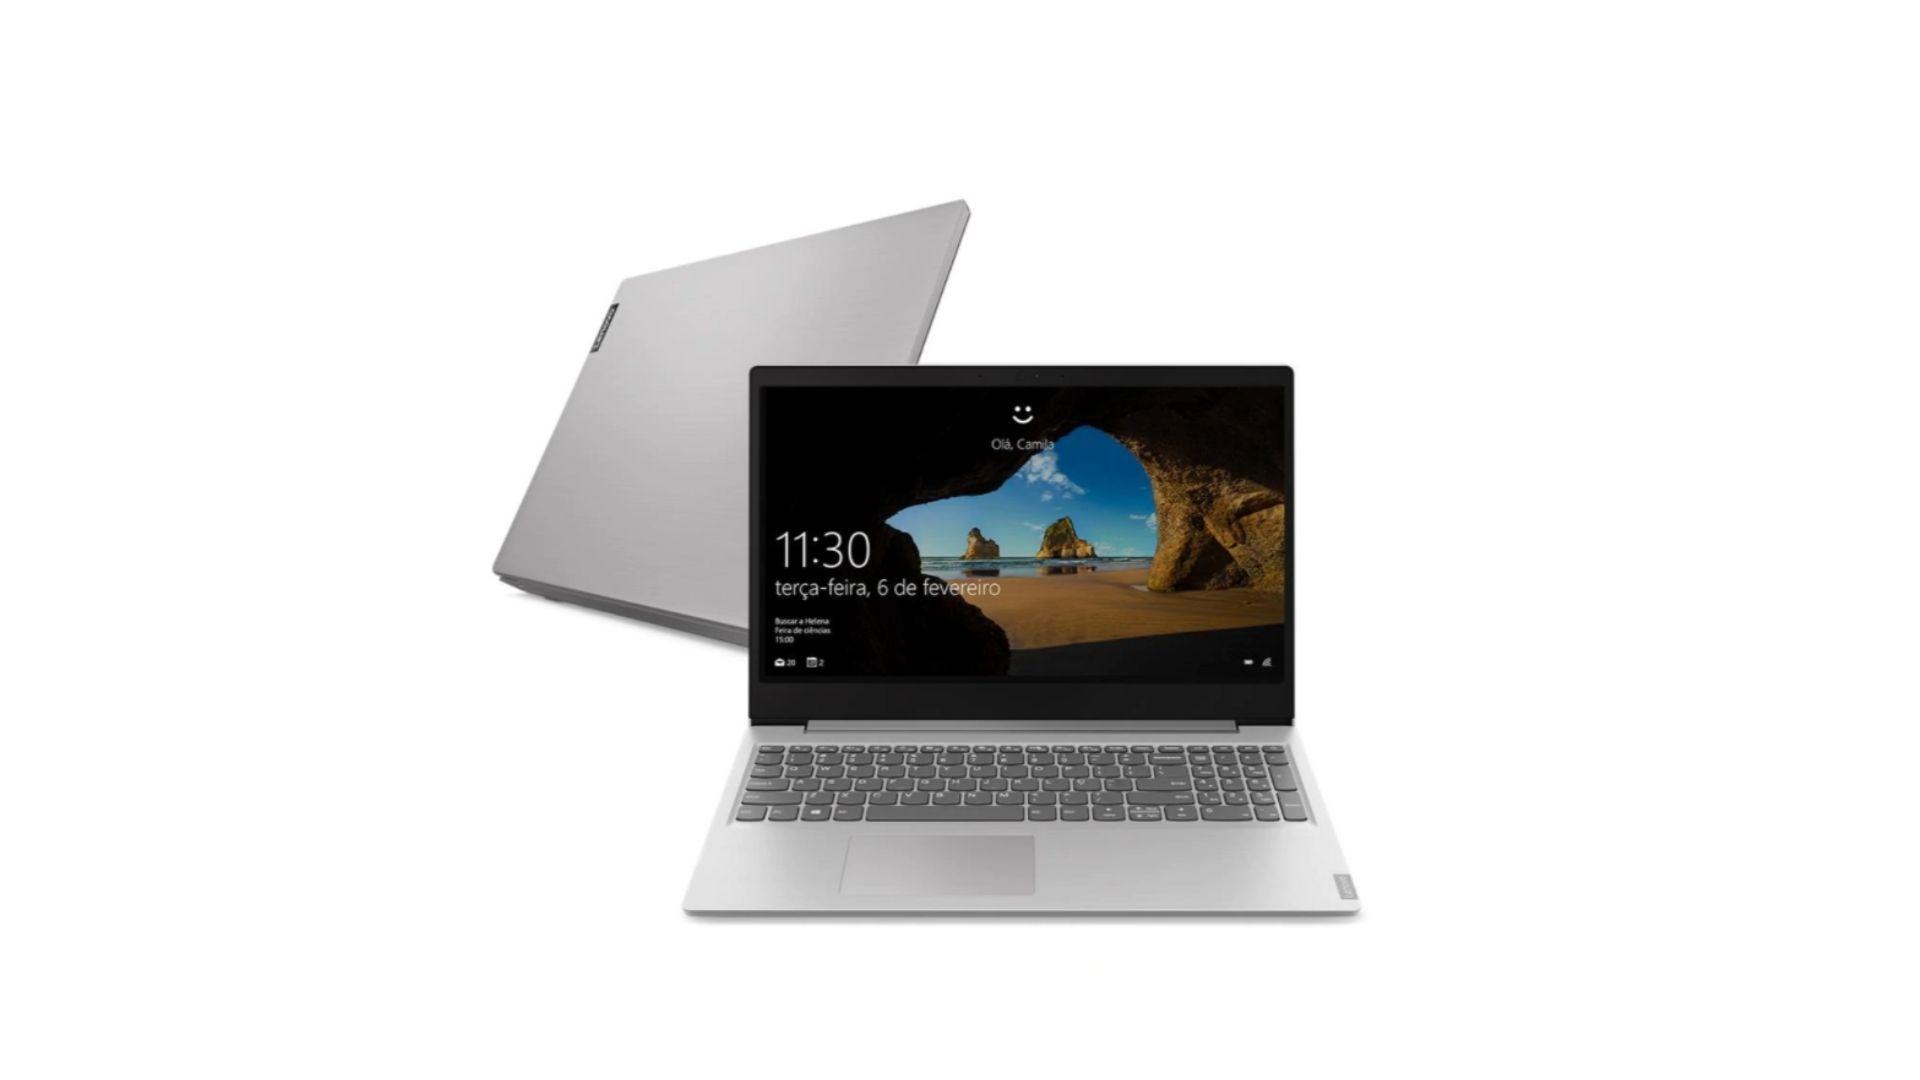 O Lenovo IdeaPad S145 é uma boa opção de notebook com Windows 10 (Foto: Divulgação/Lenovo)